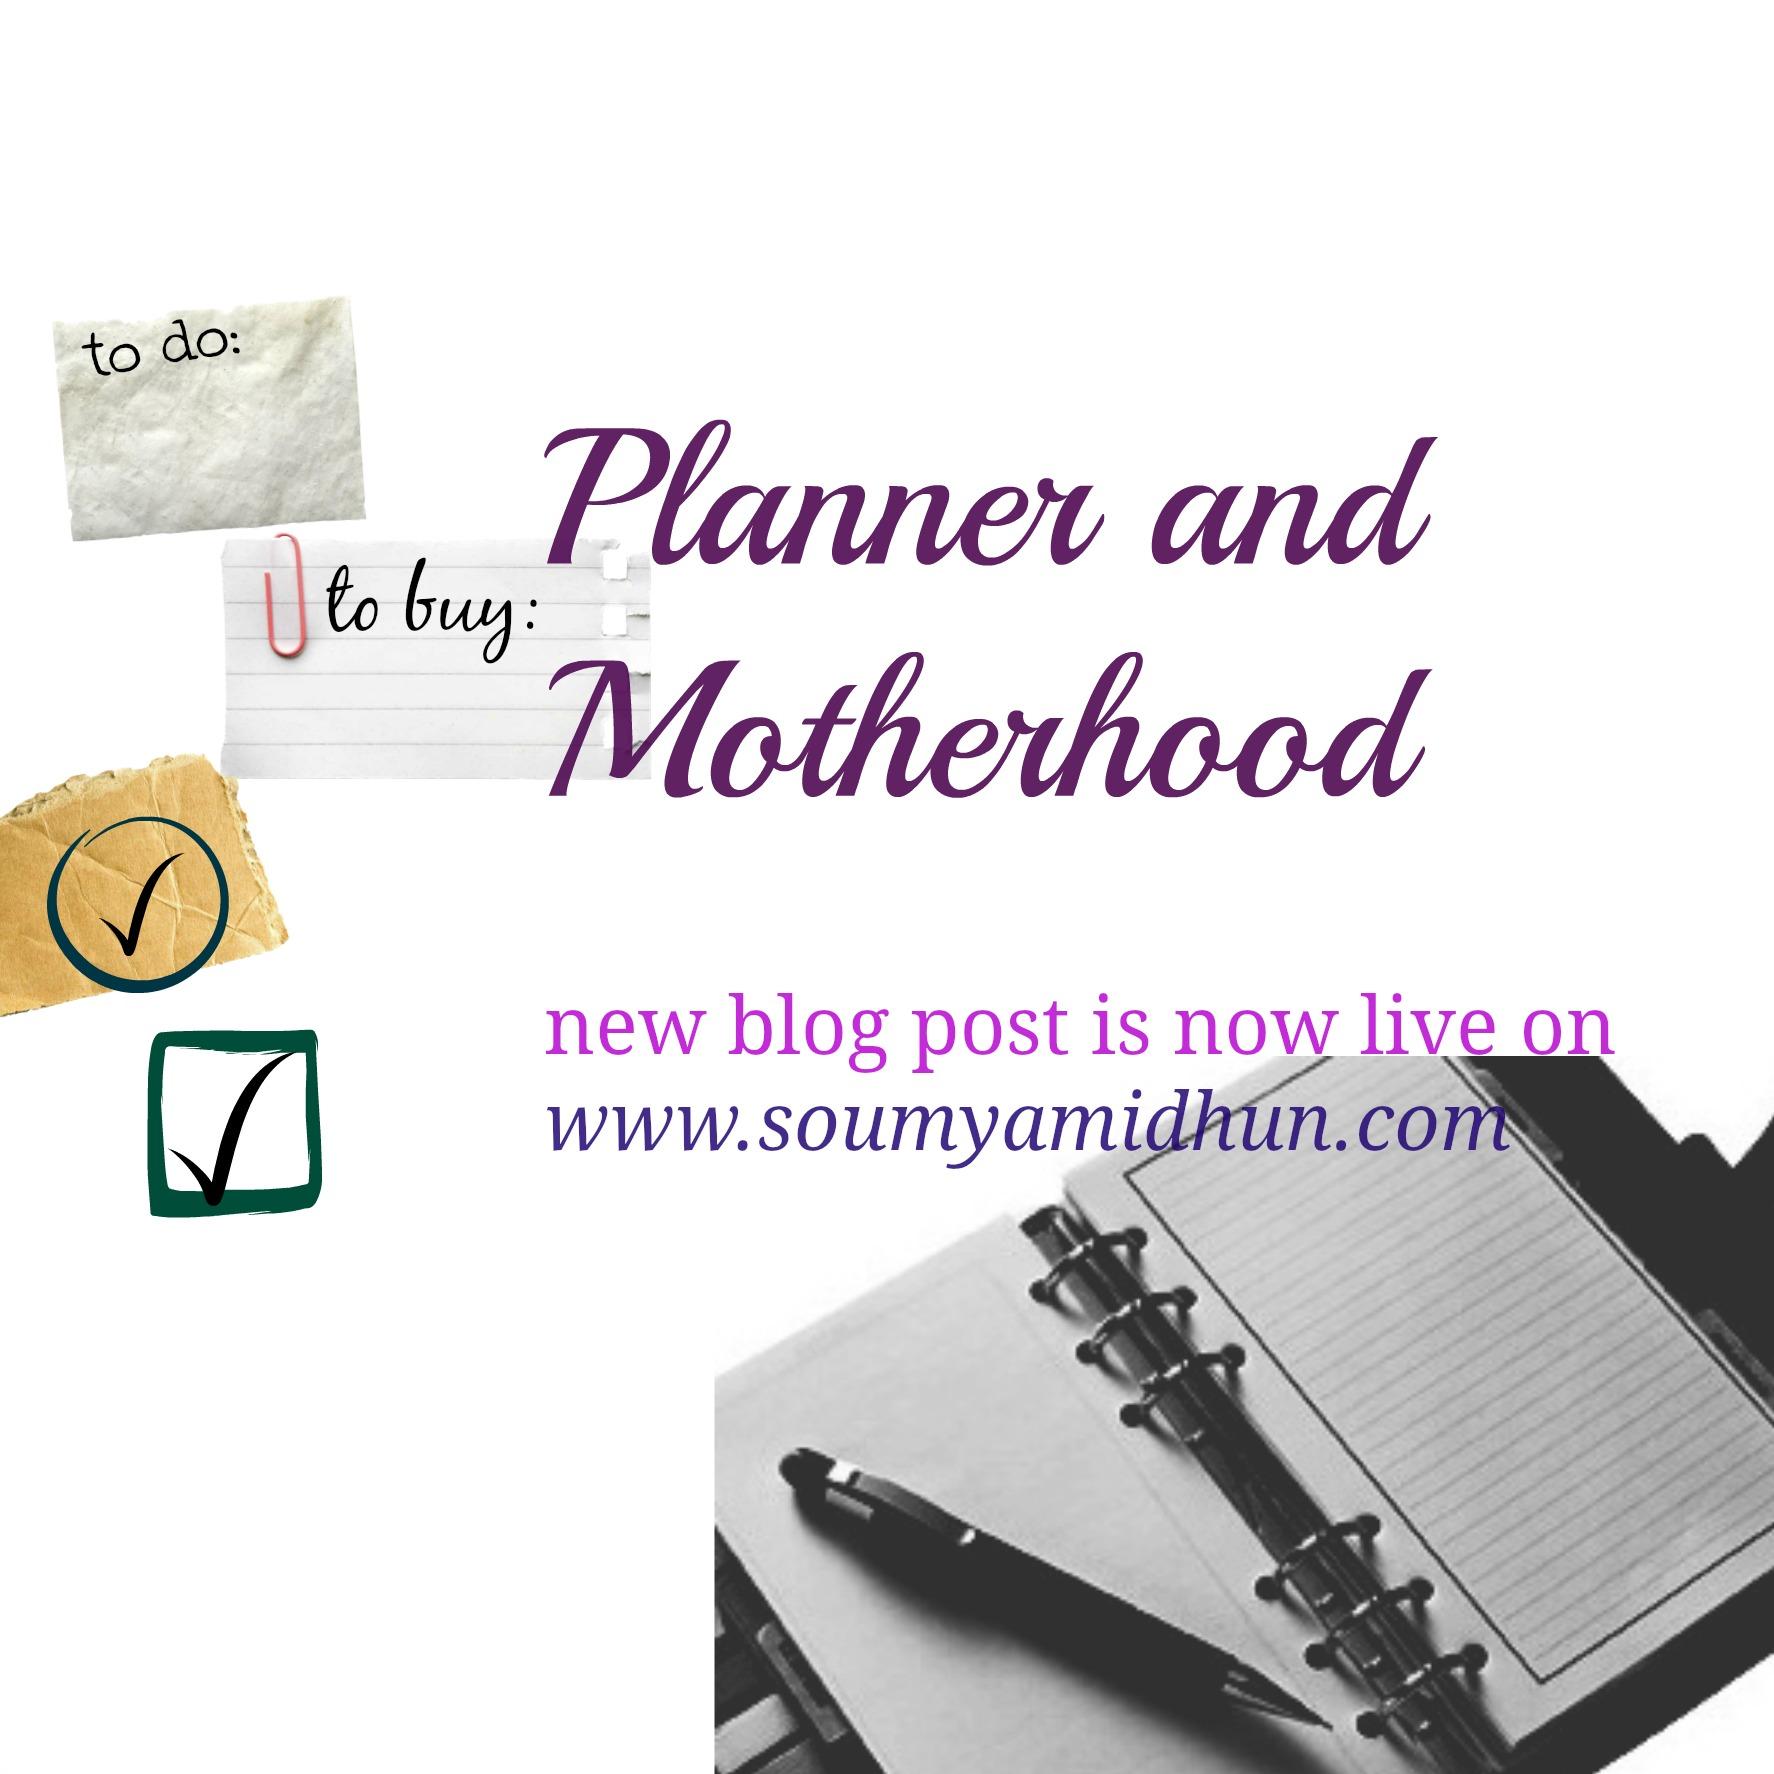 plannermotherhood